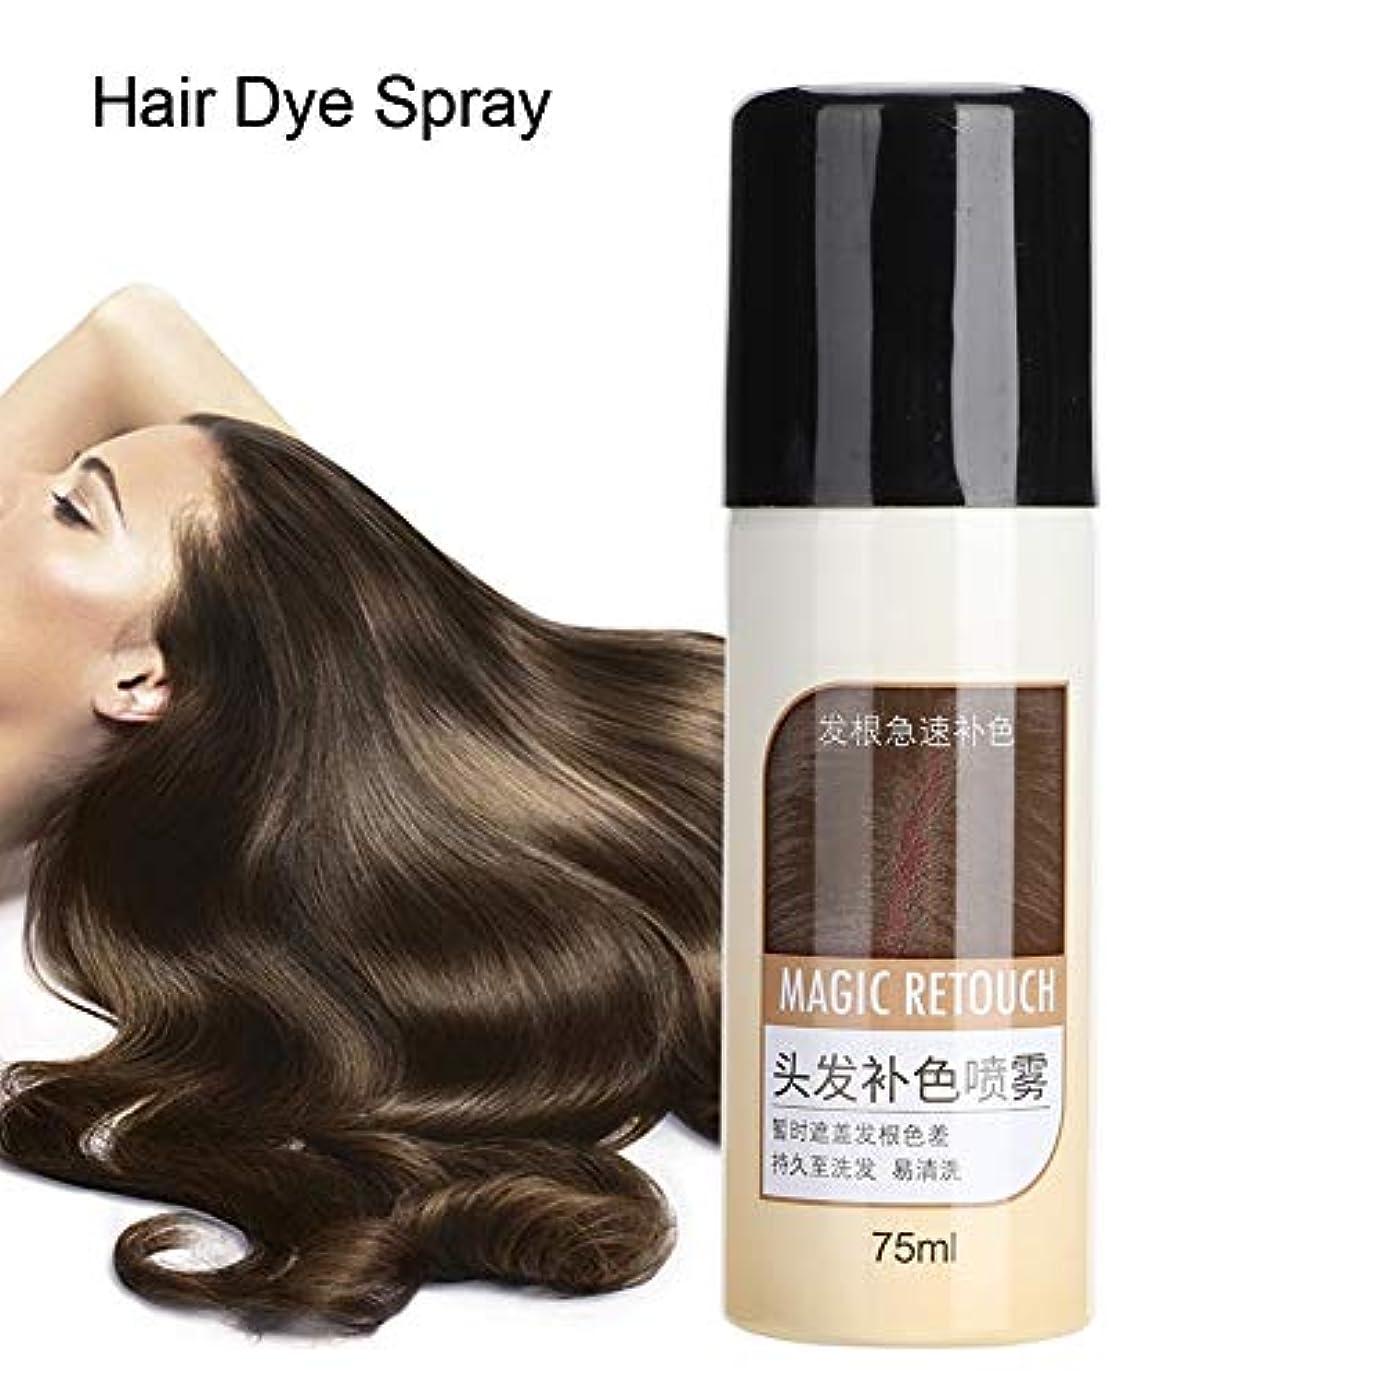 飼い慣らす有毒壊れたヘアダイ、べたつかないマットヘアスタイル栄養補給用洗えるスプレーカバー白髪用長続きするカラー染料750ml (#1)